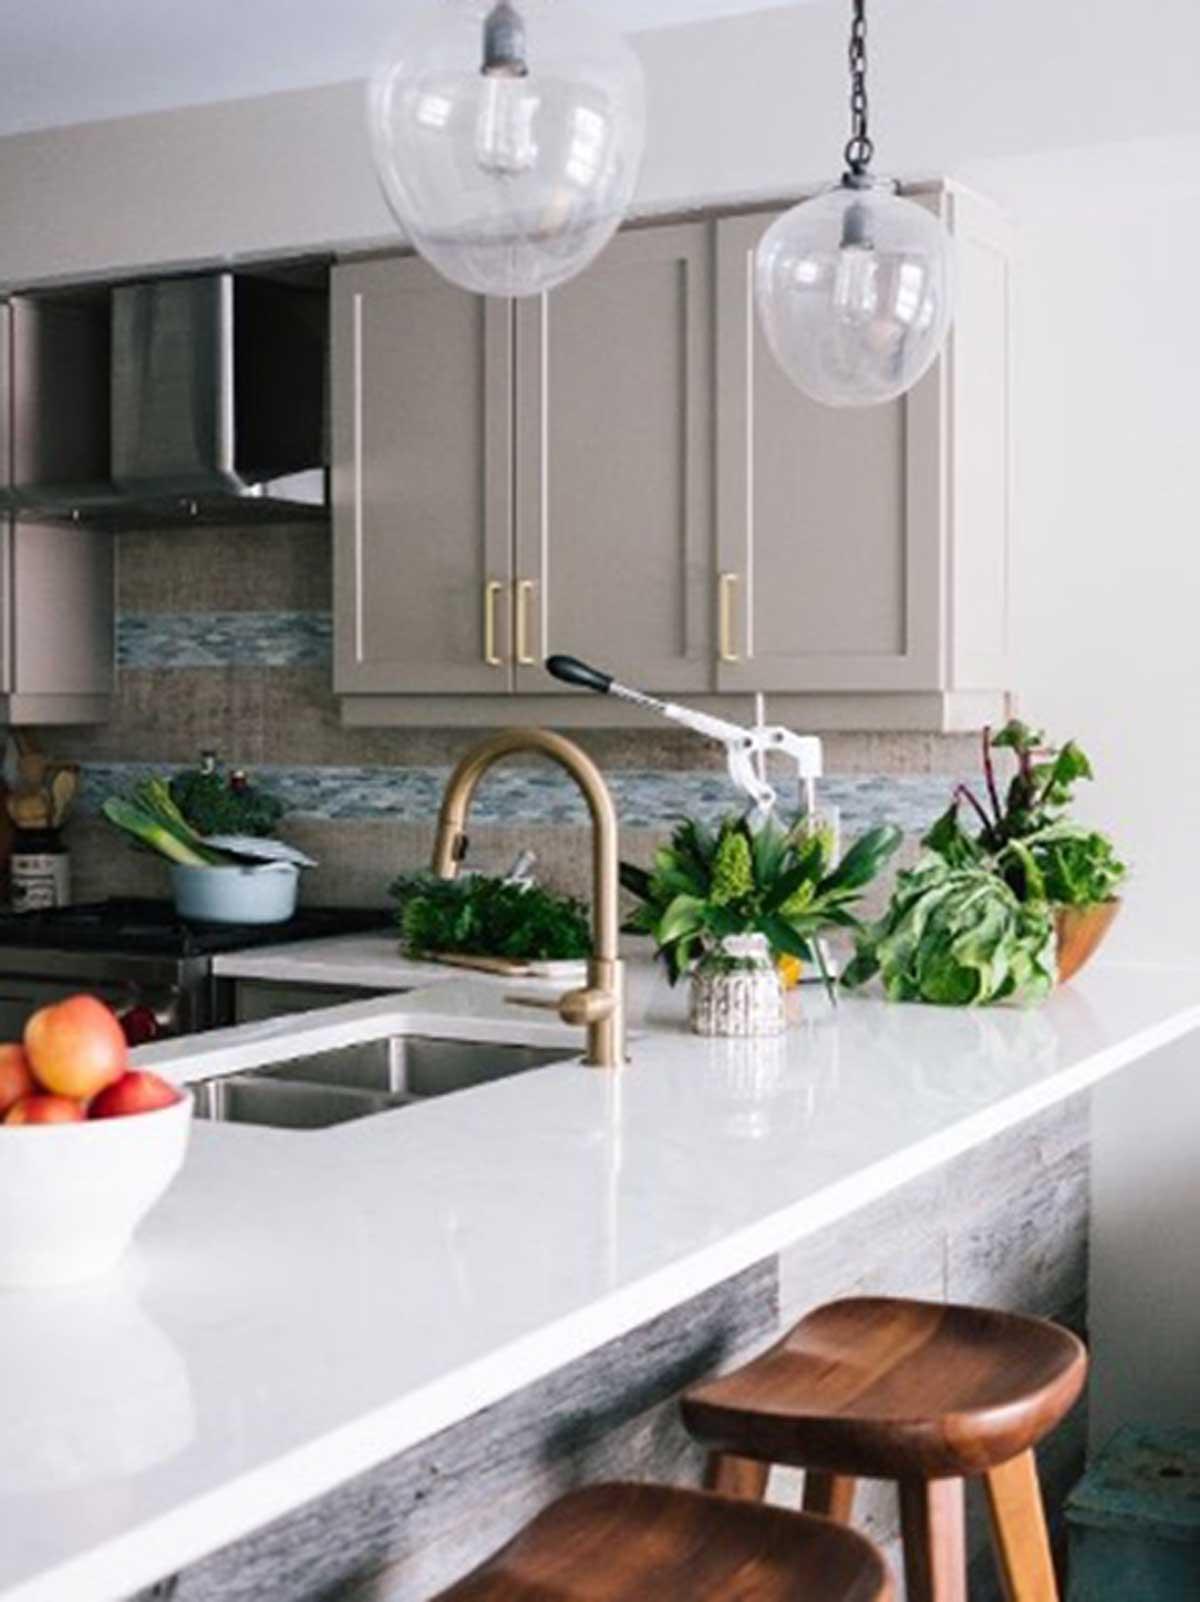 Nieuwe keuken, The art of living, Roomed